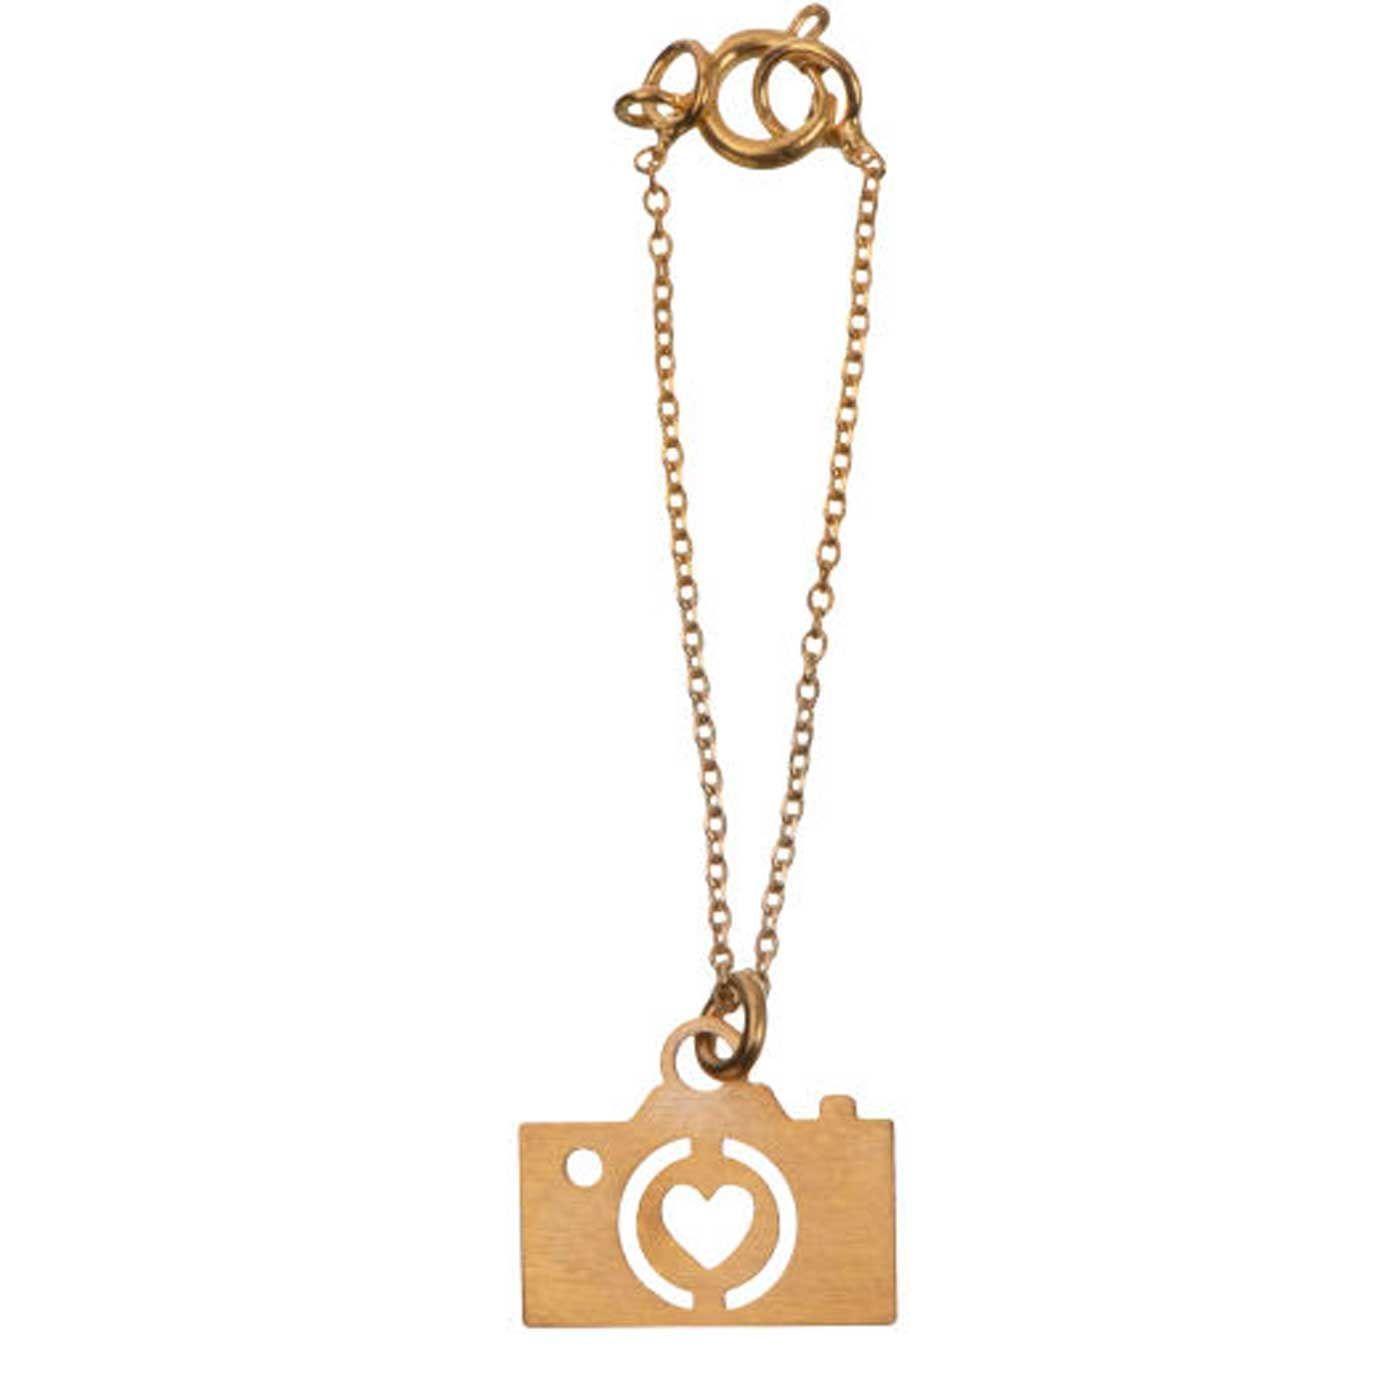 آویز ساعت طلا 18 عیار زنانه کانیار گالری کد AS66 -  - 3